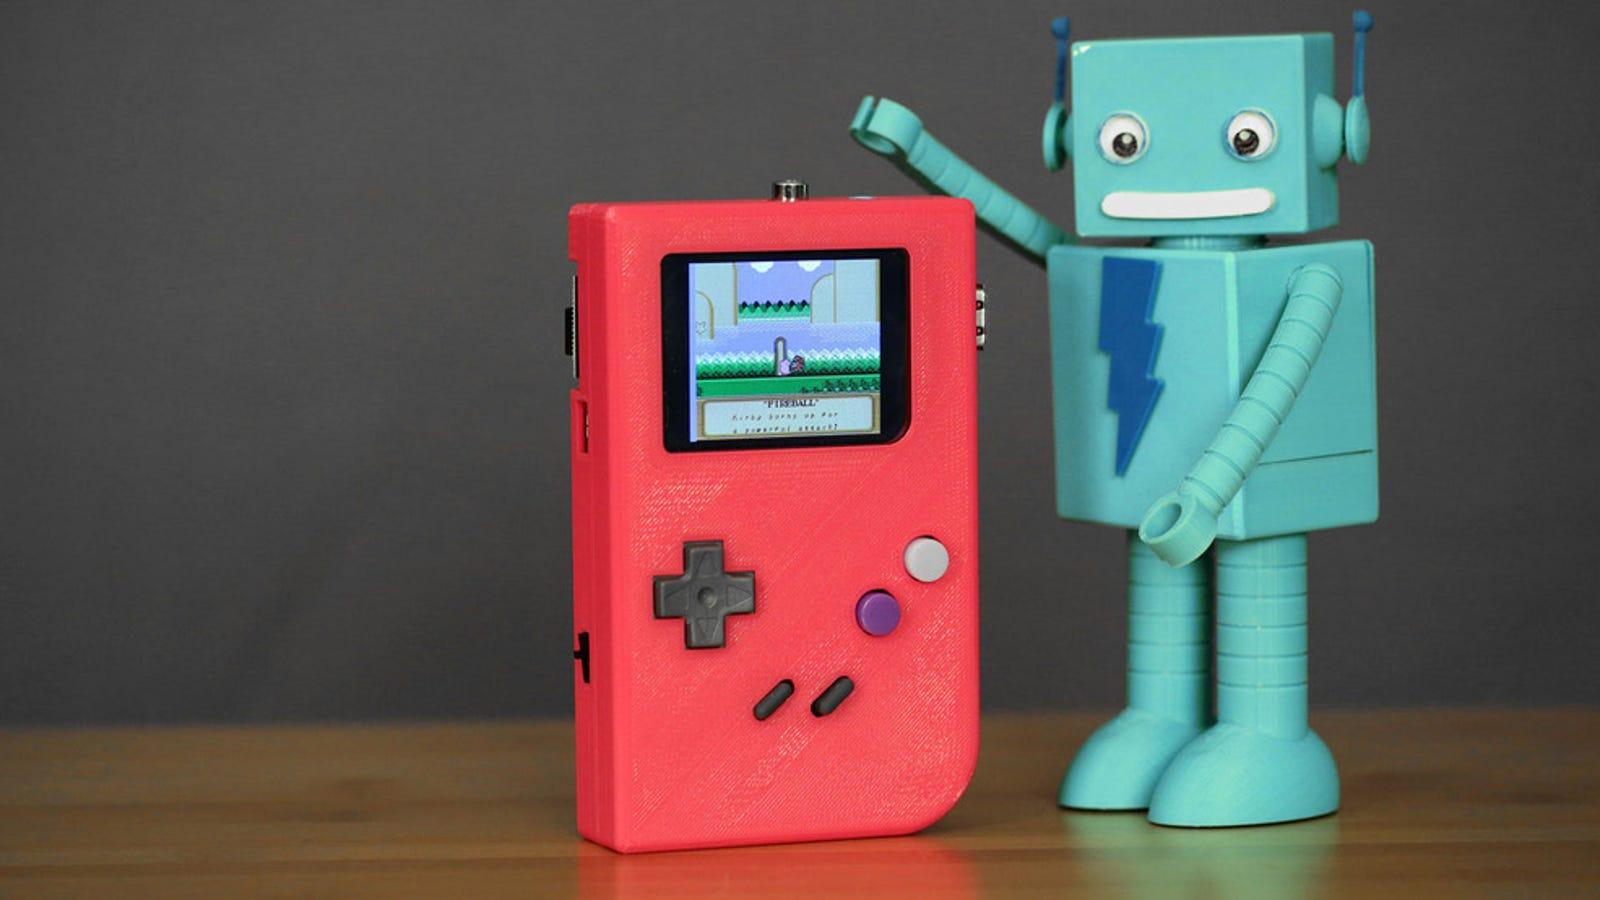 Fabrica tu propia consola Gameboy casera con una Raspberry Pi